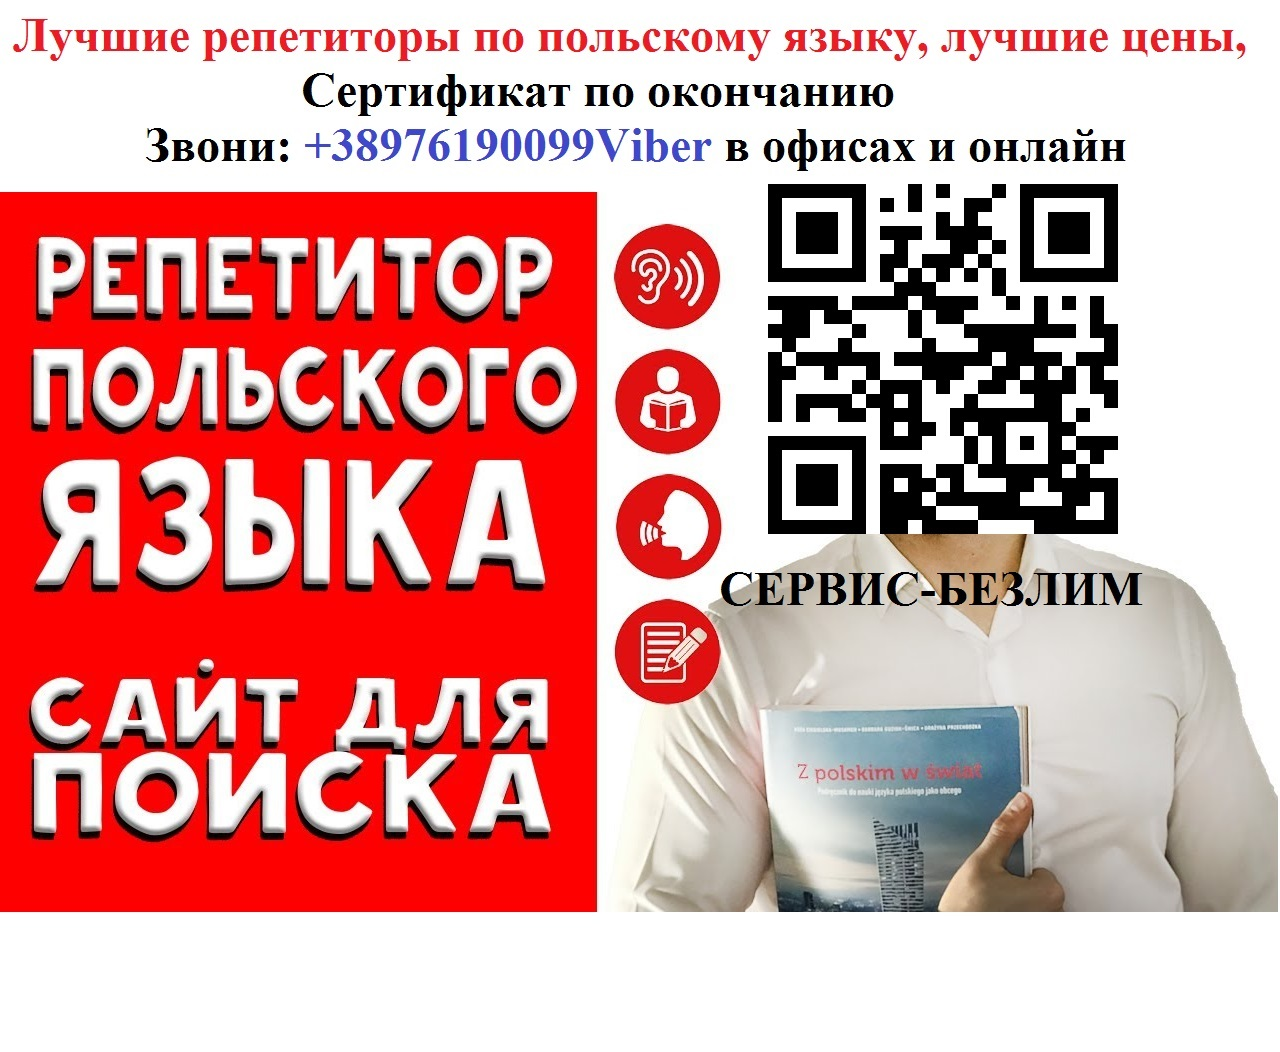 Курси польскої мови в Кривому Розі, Києві, Харкові, Запоріжжі